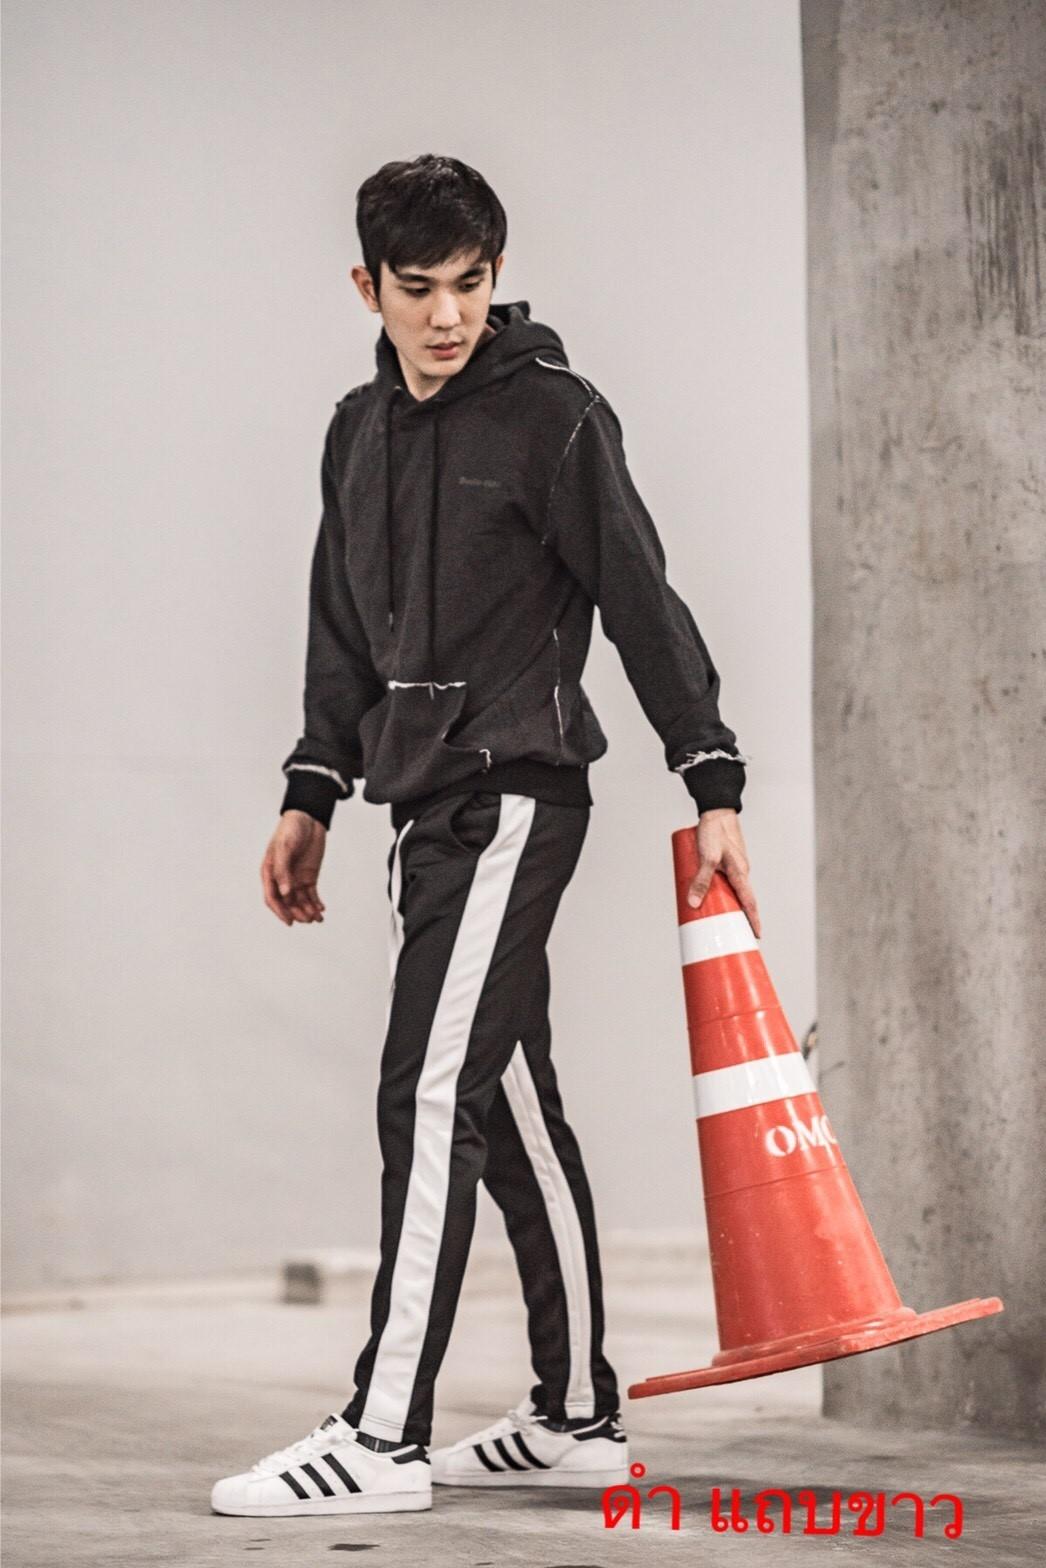 กางเกง ขายาว พรีเมี่ยม ผ้า วอม รหัส W 615 TAX W ดำแถบขาว